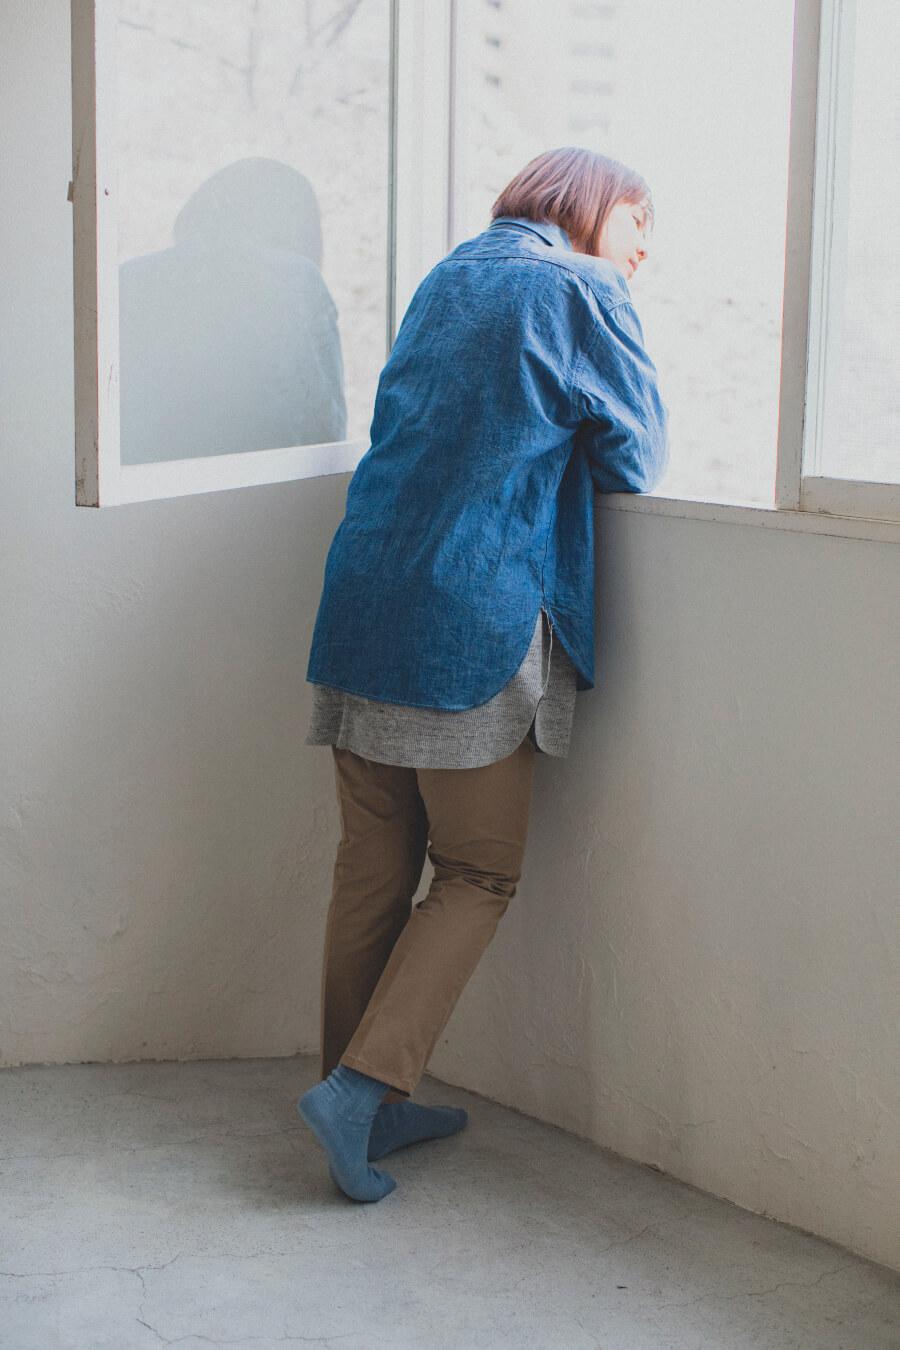 当たりつきギフト専用靴下のLUCKY SOCKS(ラッキーソックス)のSmooth Ankle Socks(スムースアンクルソックス)のスチールブルー_image2